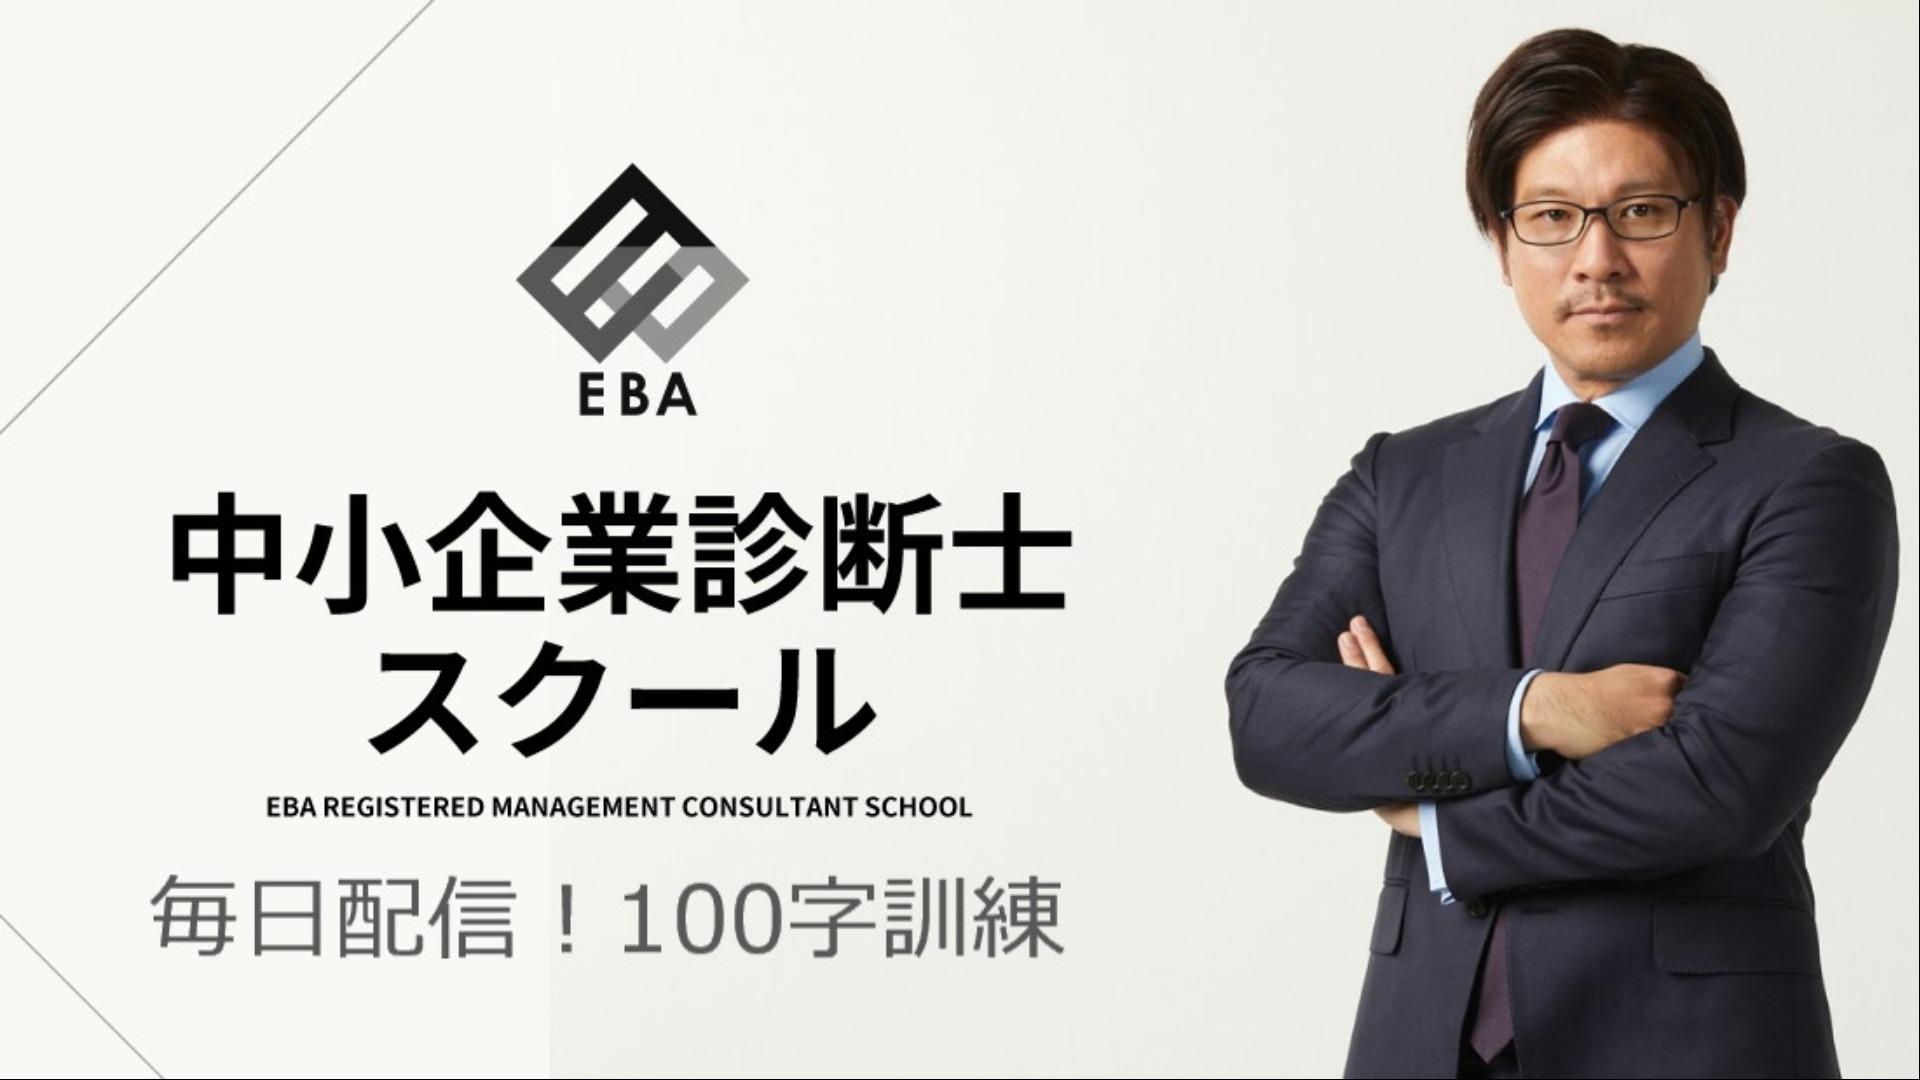 EBA中小企業診断士スクール